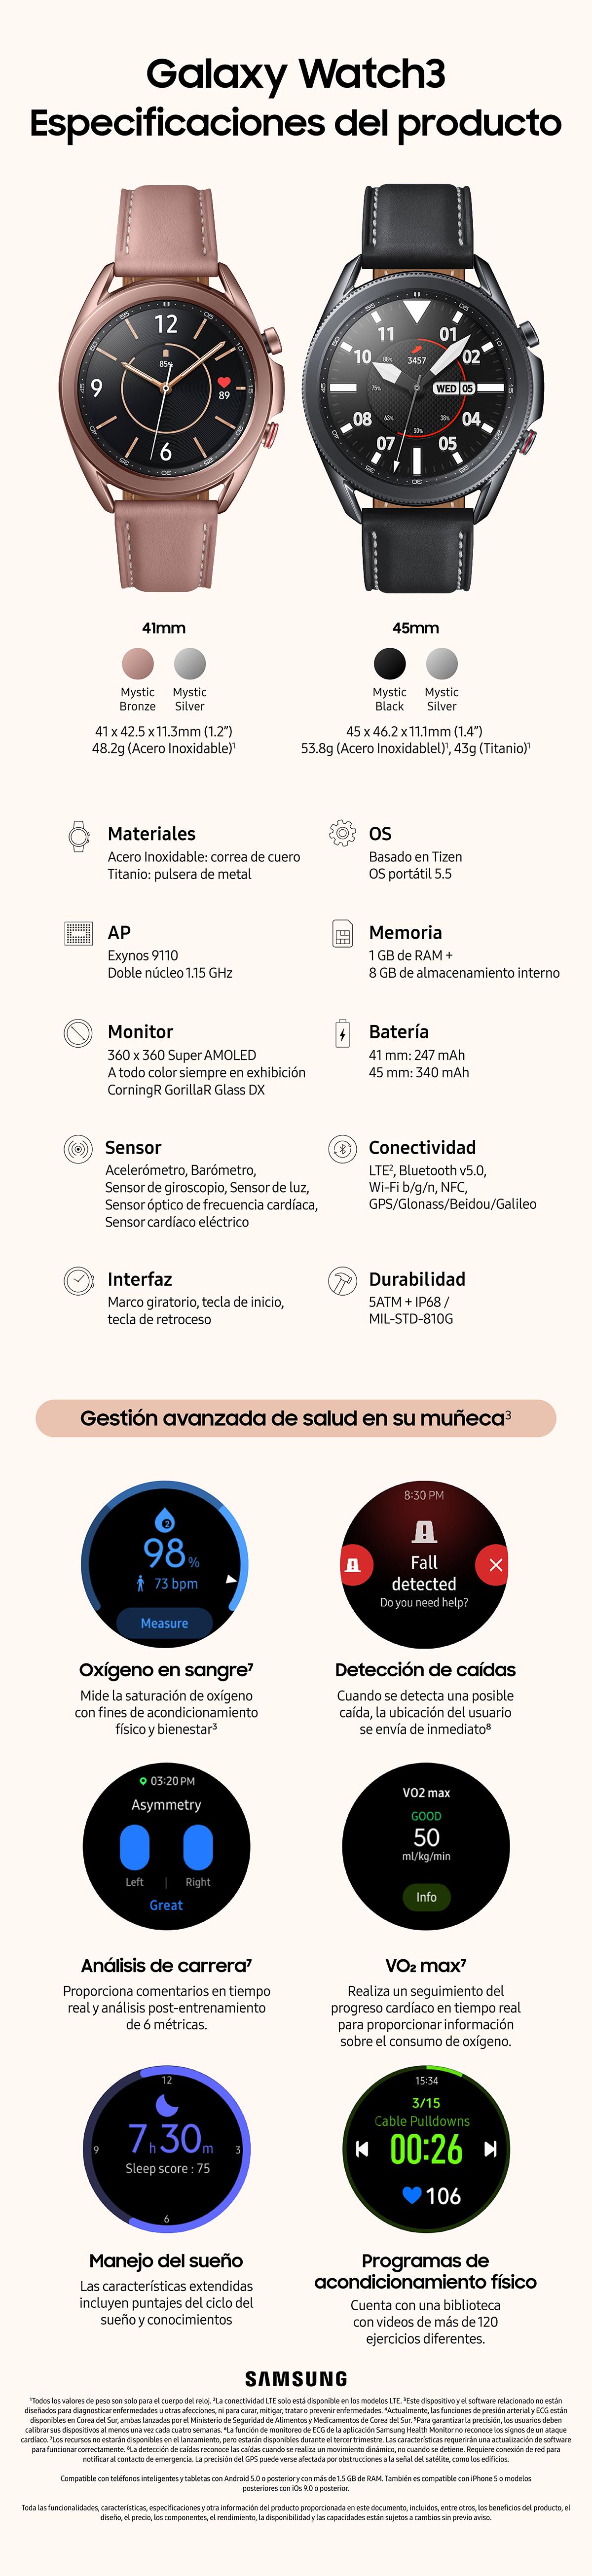 Samsung Galaxy Watch 3: el smartwatch que cuida tu salud (INFOGRAFÍA)